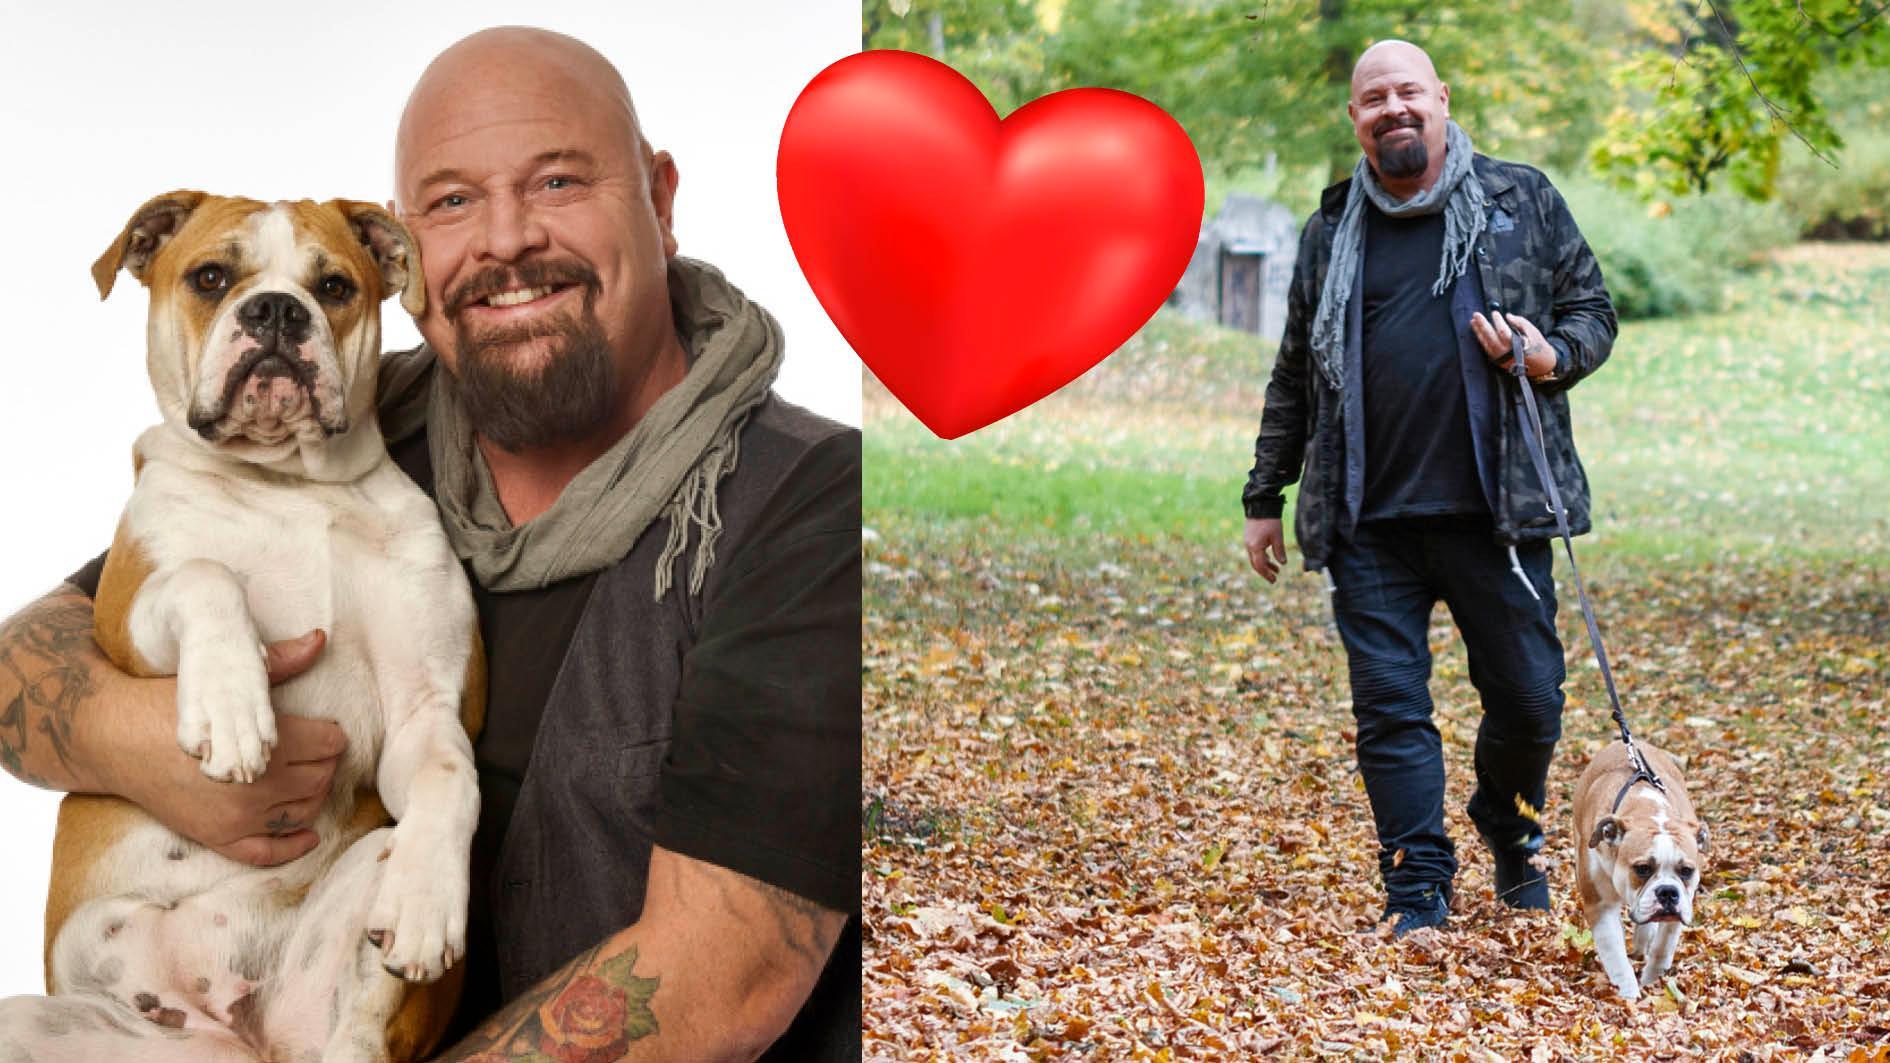 Iris trivs i husse Anders famn. När Anders jobbade ihop med Janet Jackson träffade han hennes english bulldog och föll pladask för den sköna personligheten.